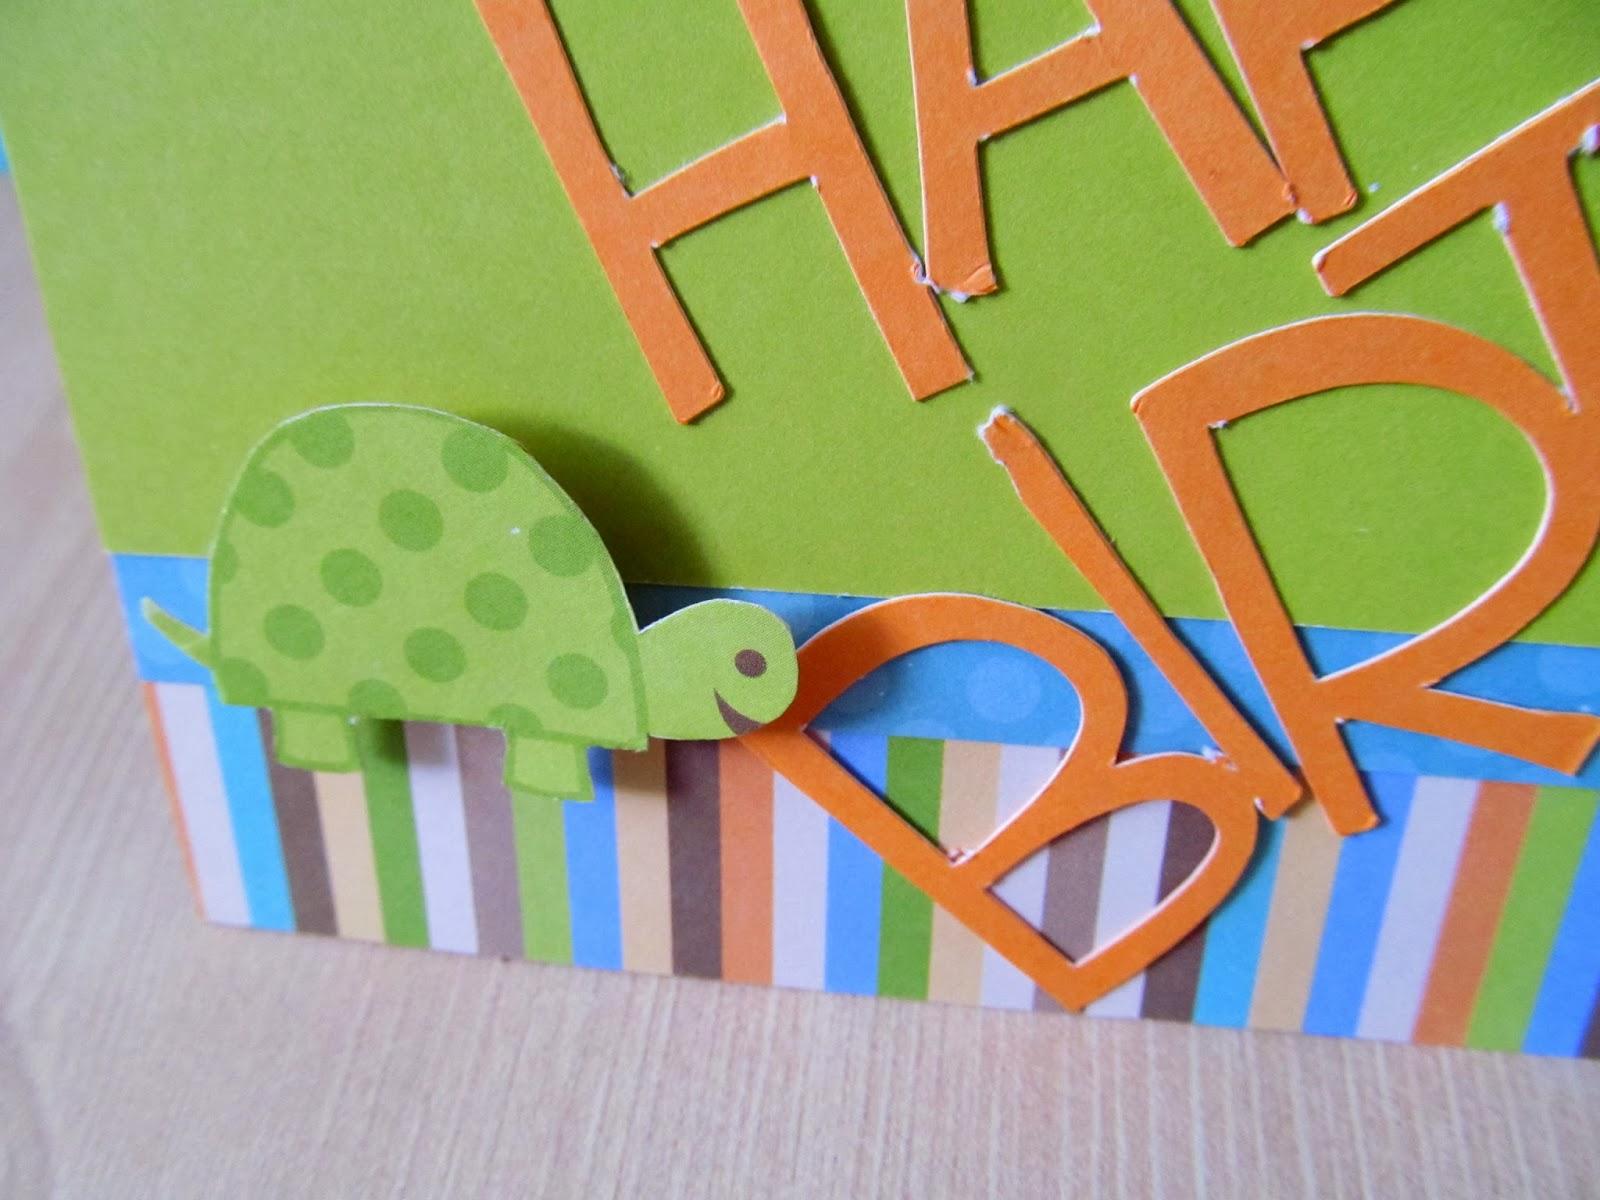 Happy Turtle Birthday Card for a Boys Birthday!